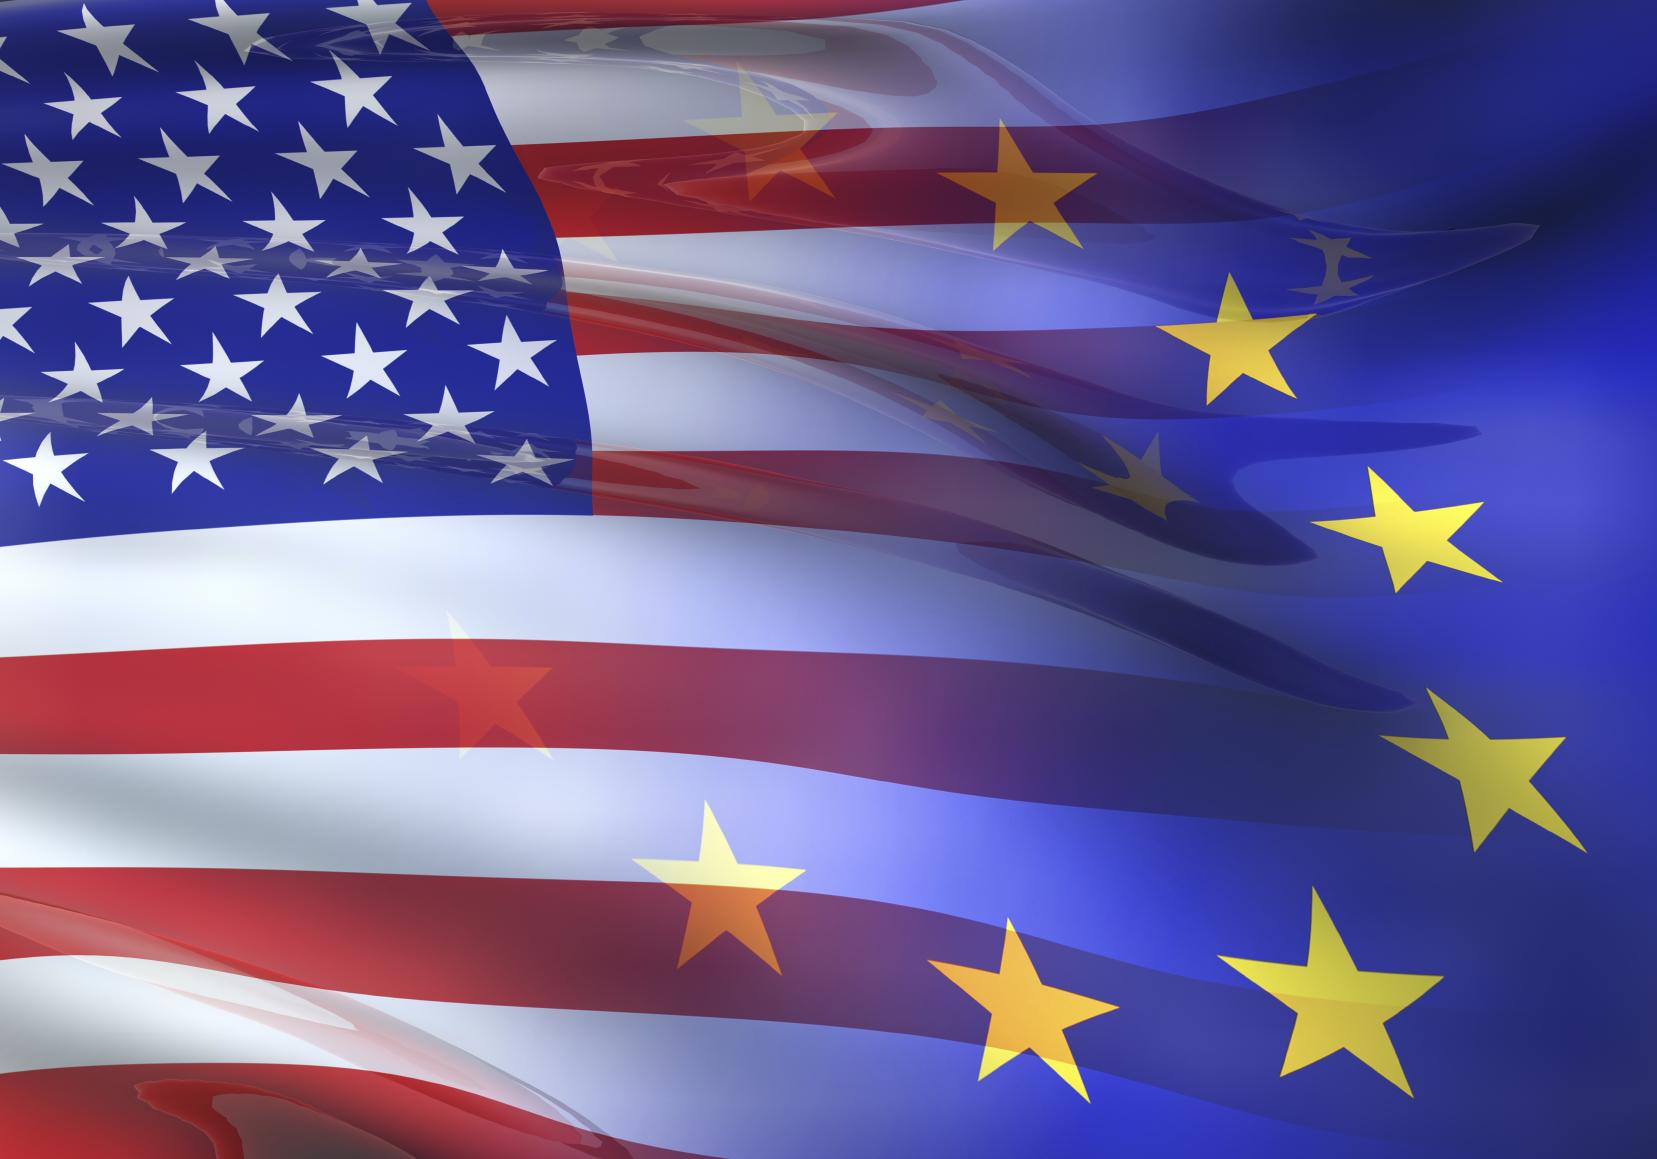 Dazi USA, Confagricoltura: Il nostro export già penalizzato, salvaguardiamo l'agroalimentare italiano